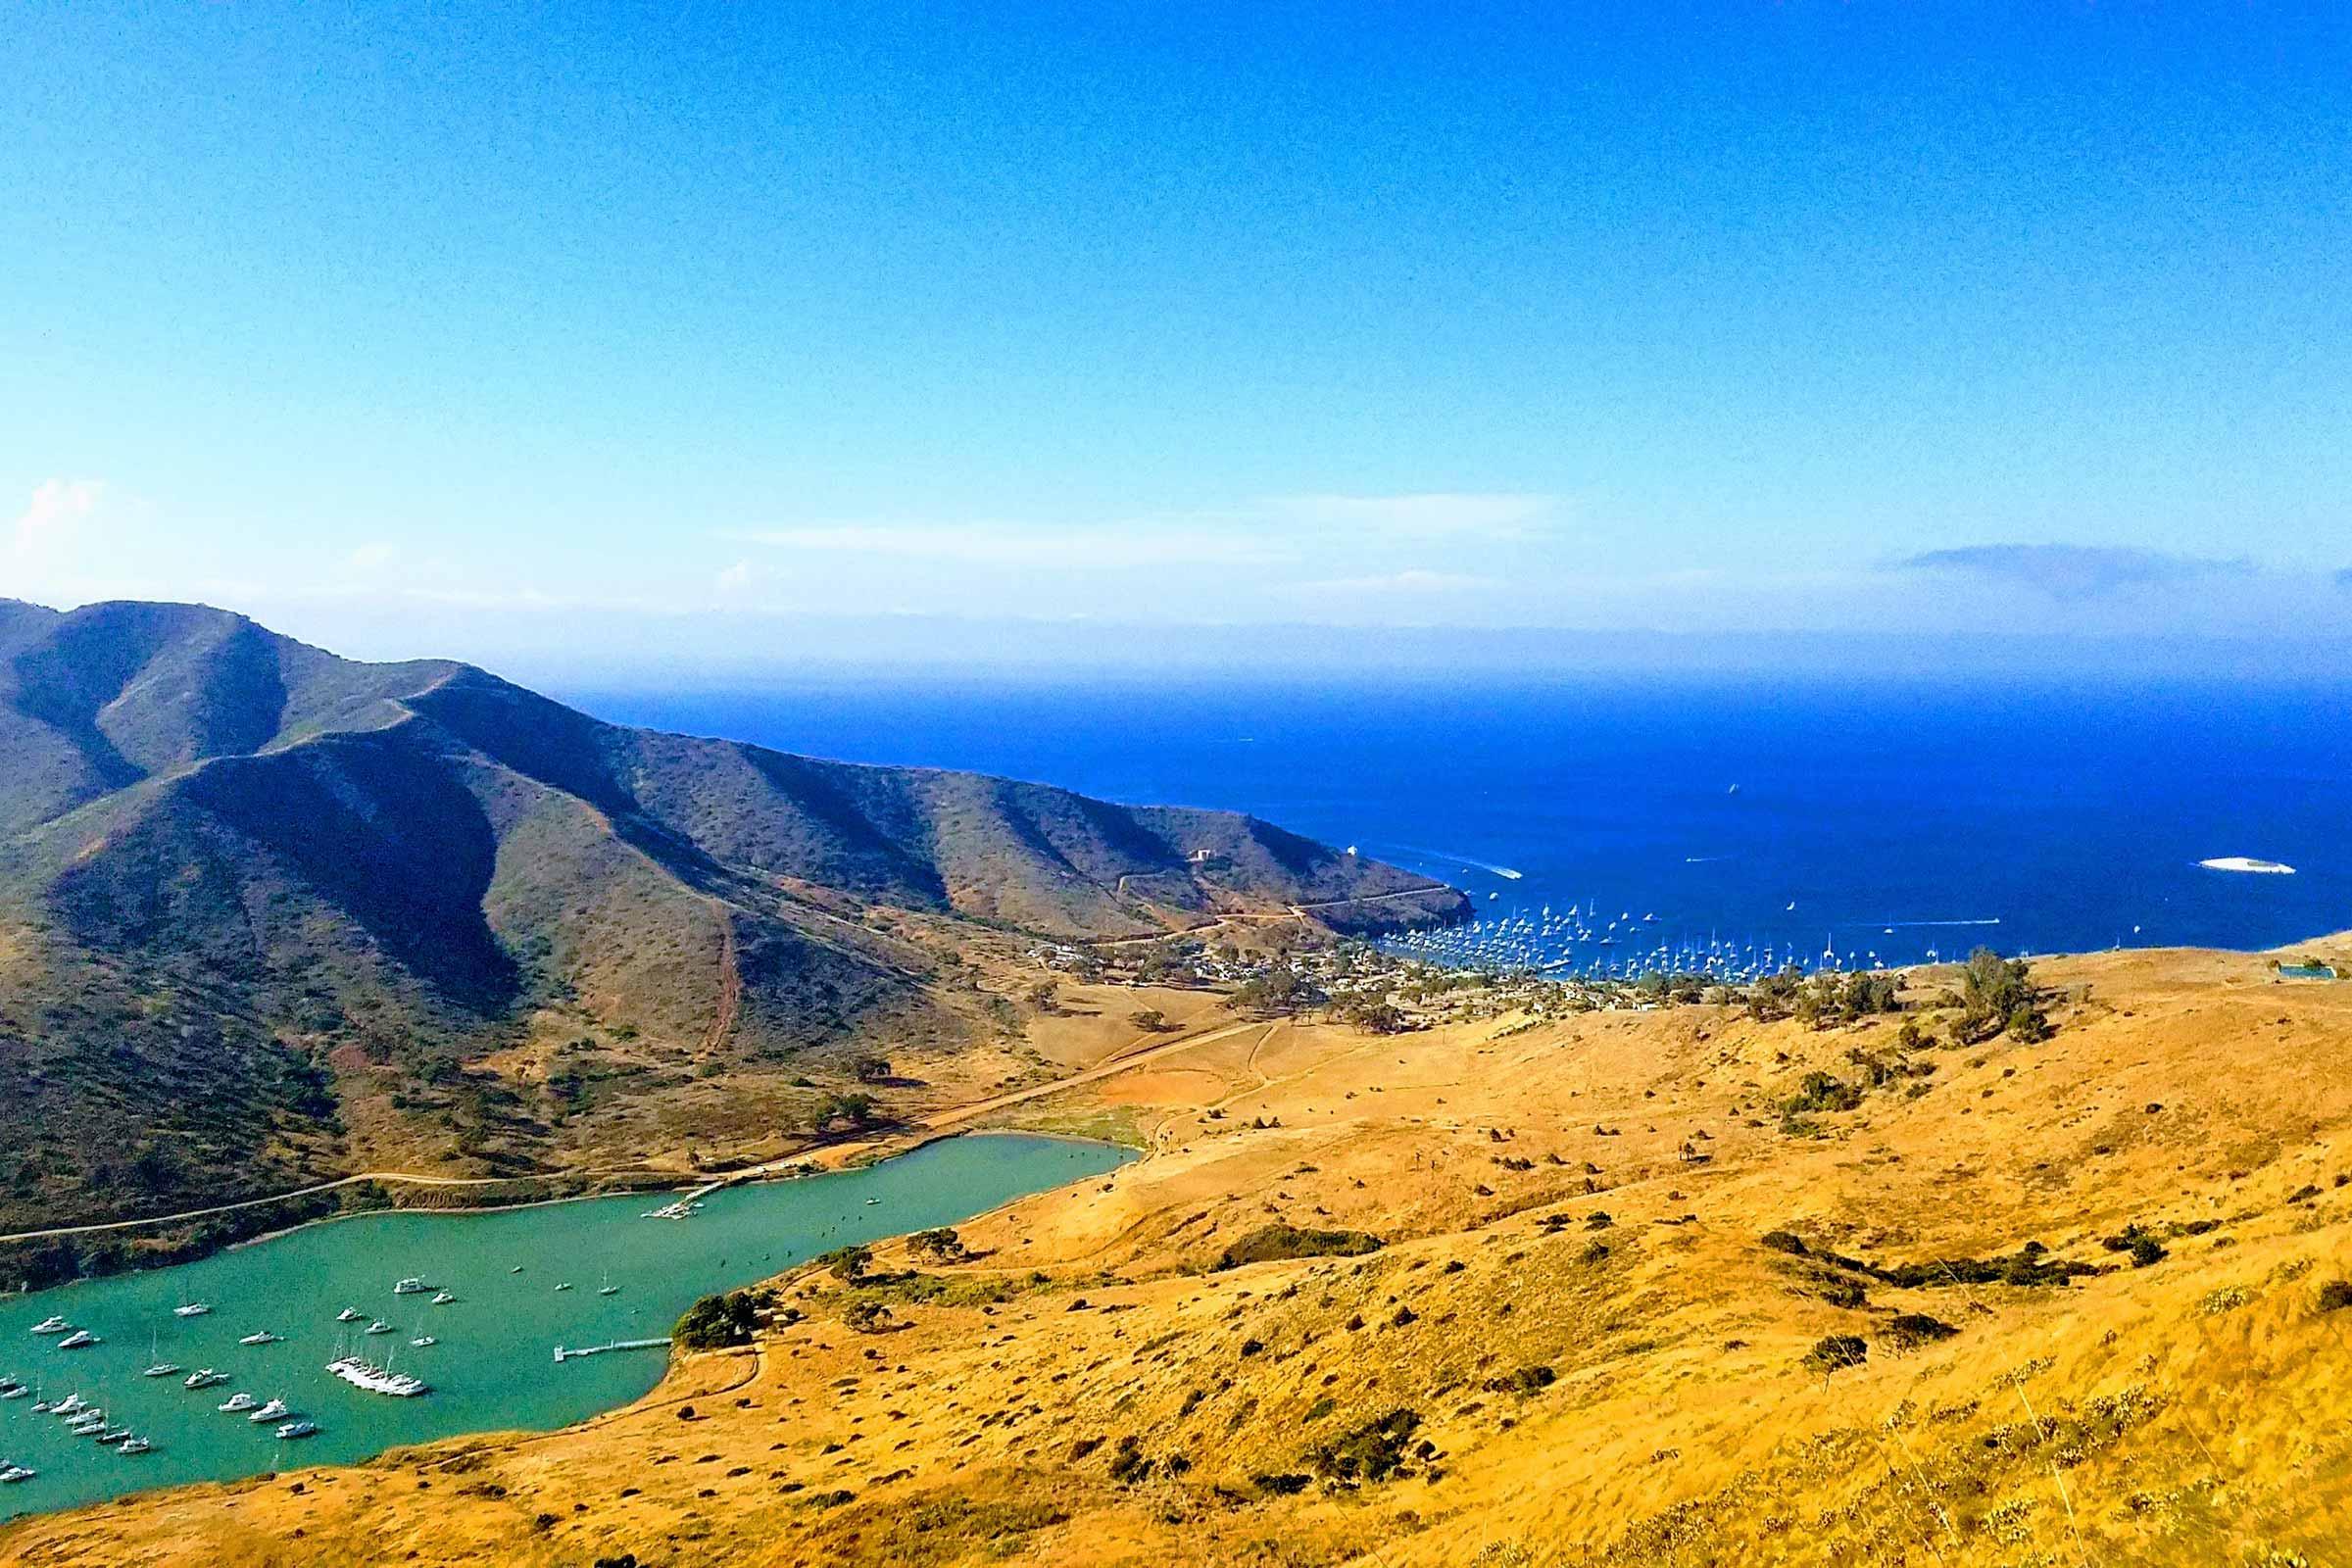 OTILLO Swimrun Catalina - cover image